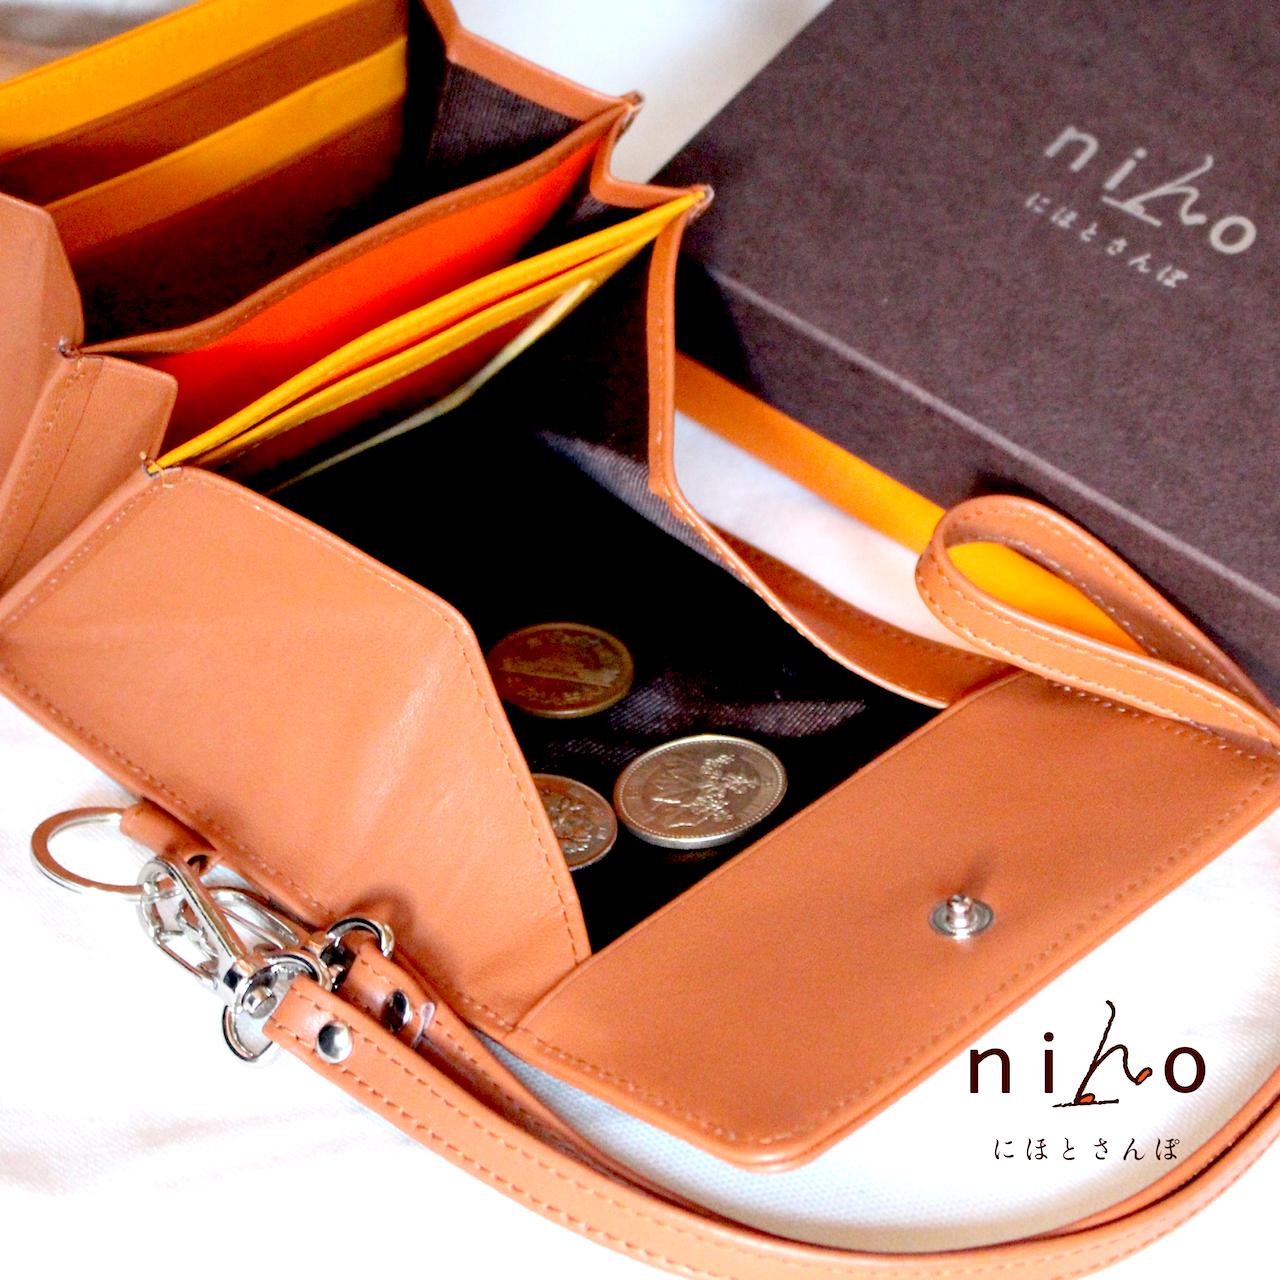 【財布】 - niho - 小銭が取り出しやすい財布 ストラップ付き《送料無料》